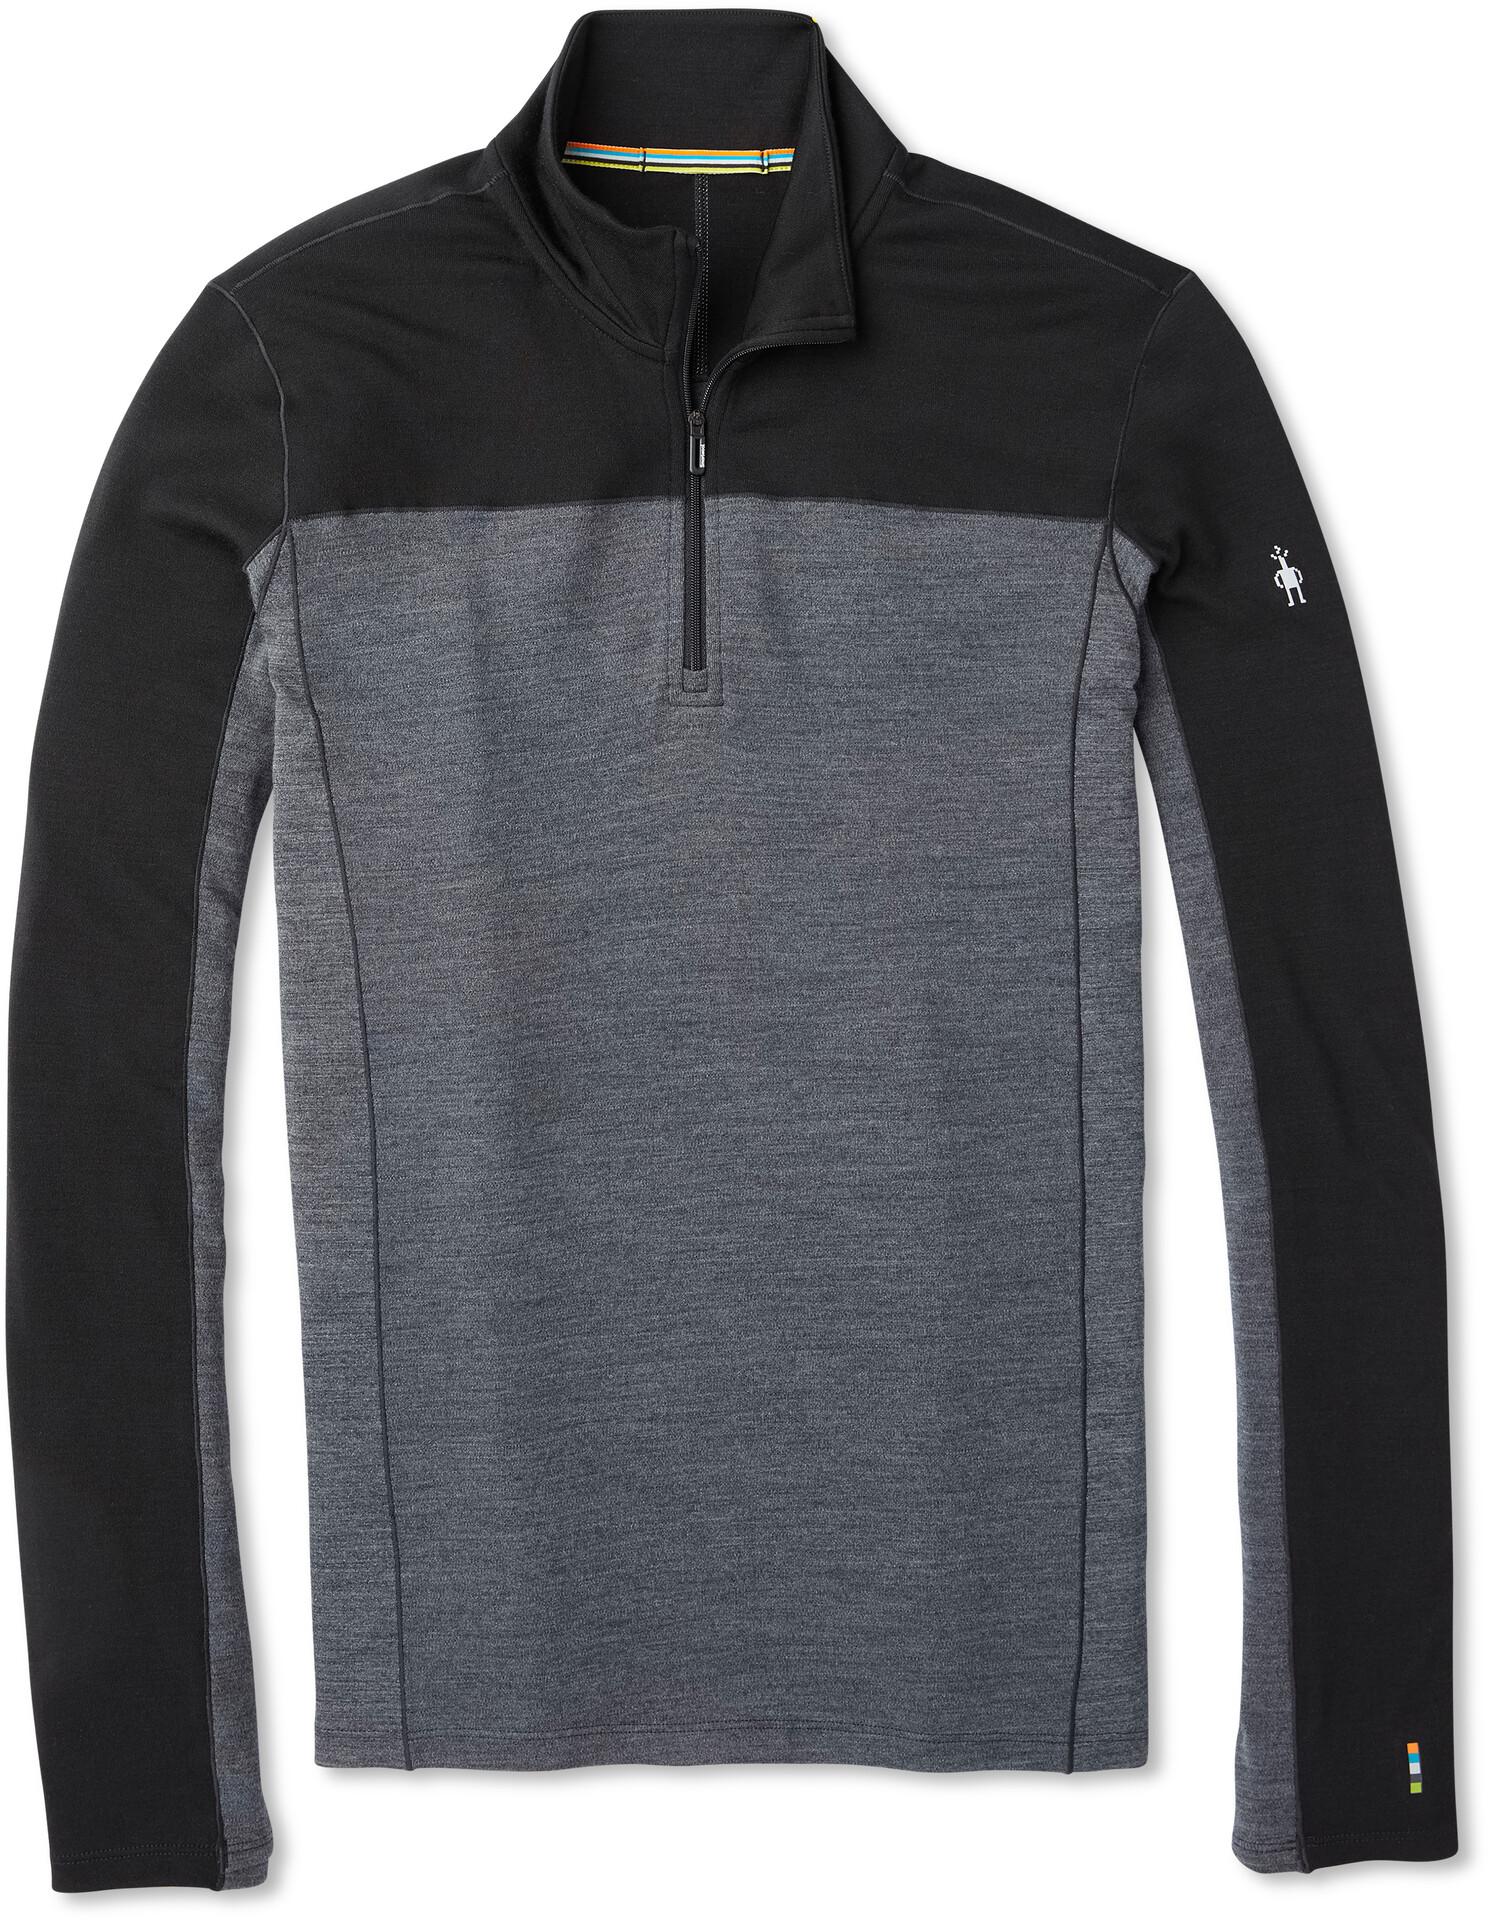 Smartwool Merino Sport 250 Sweat shirt manches longues avec Fermeture éclair 14 Homme, black